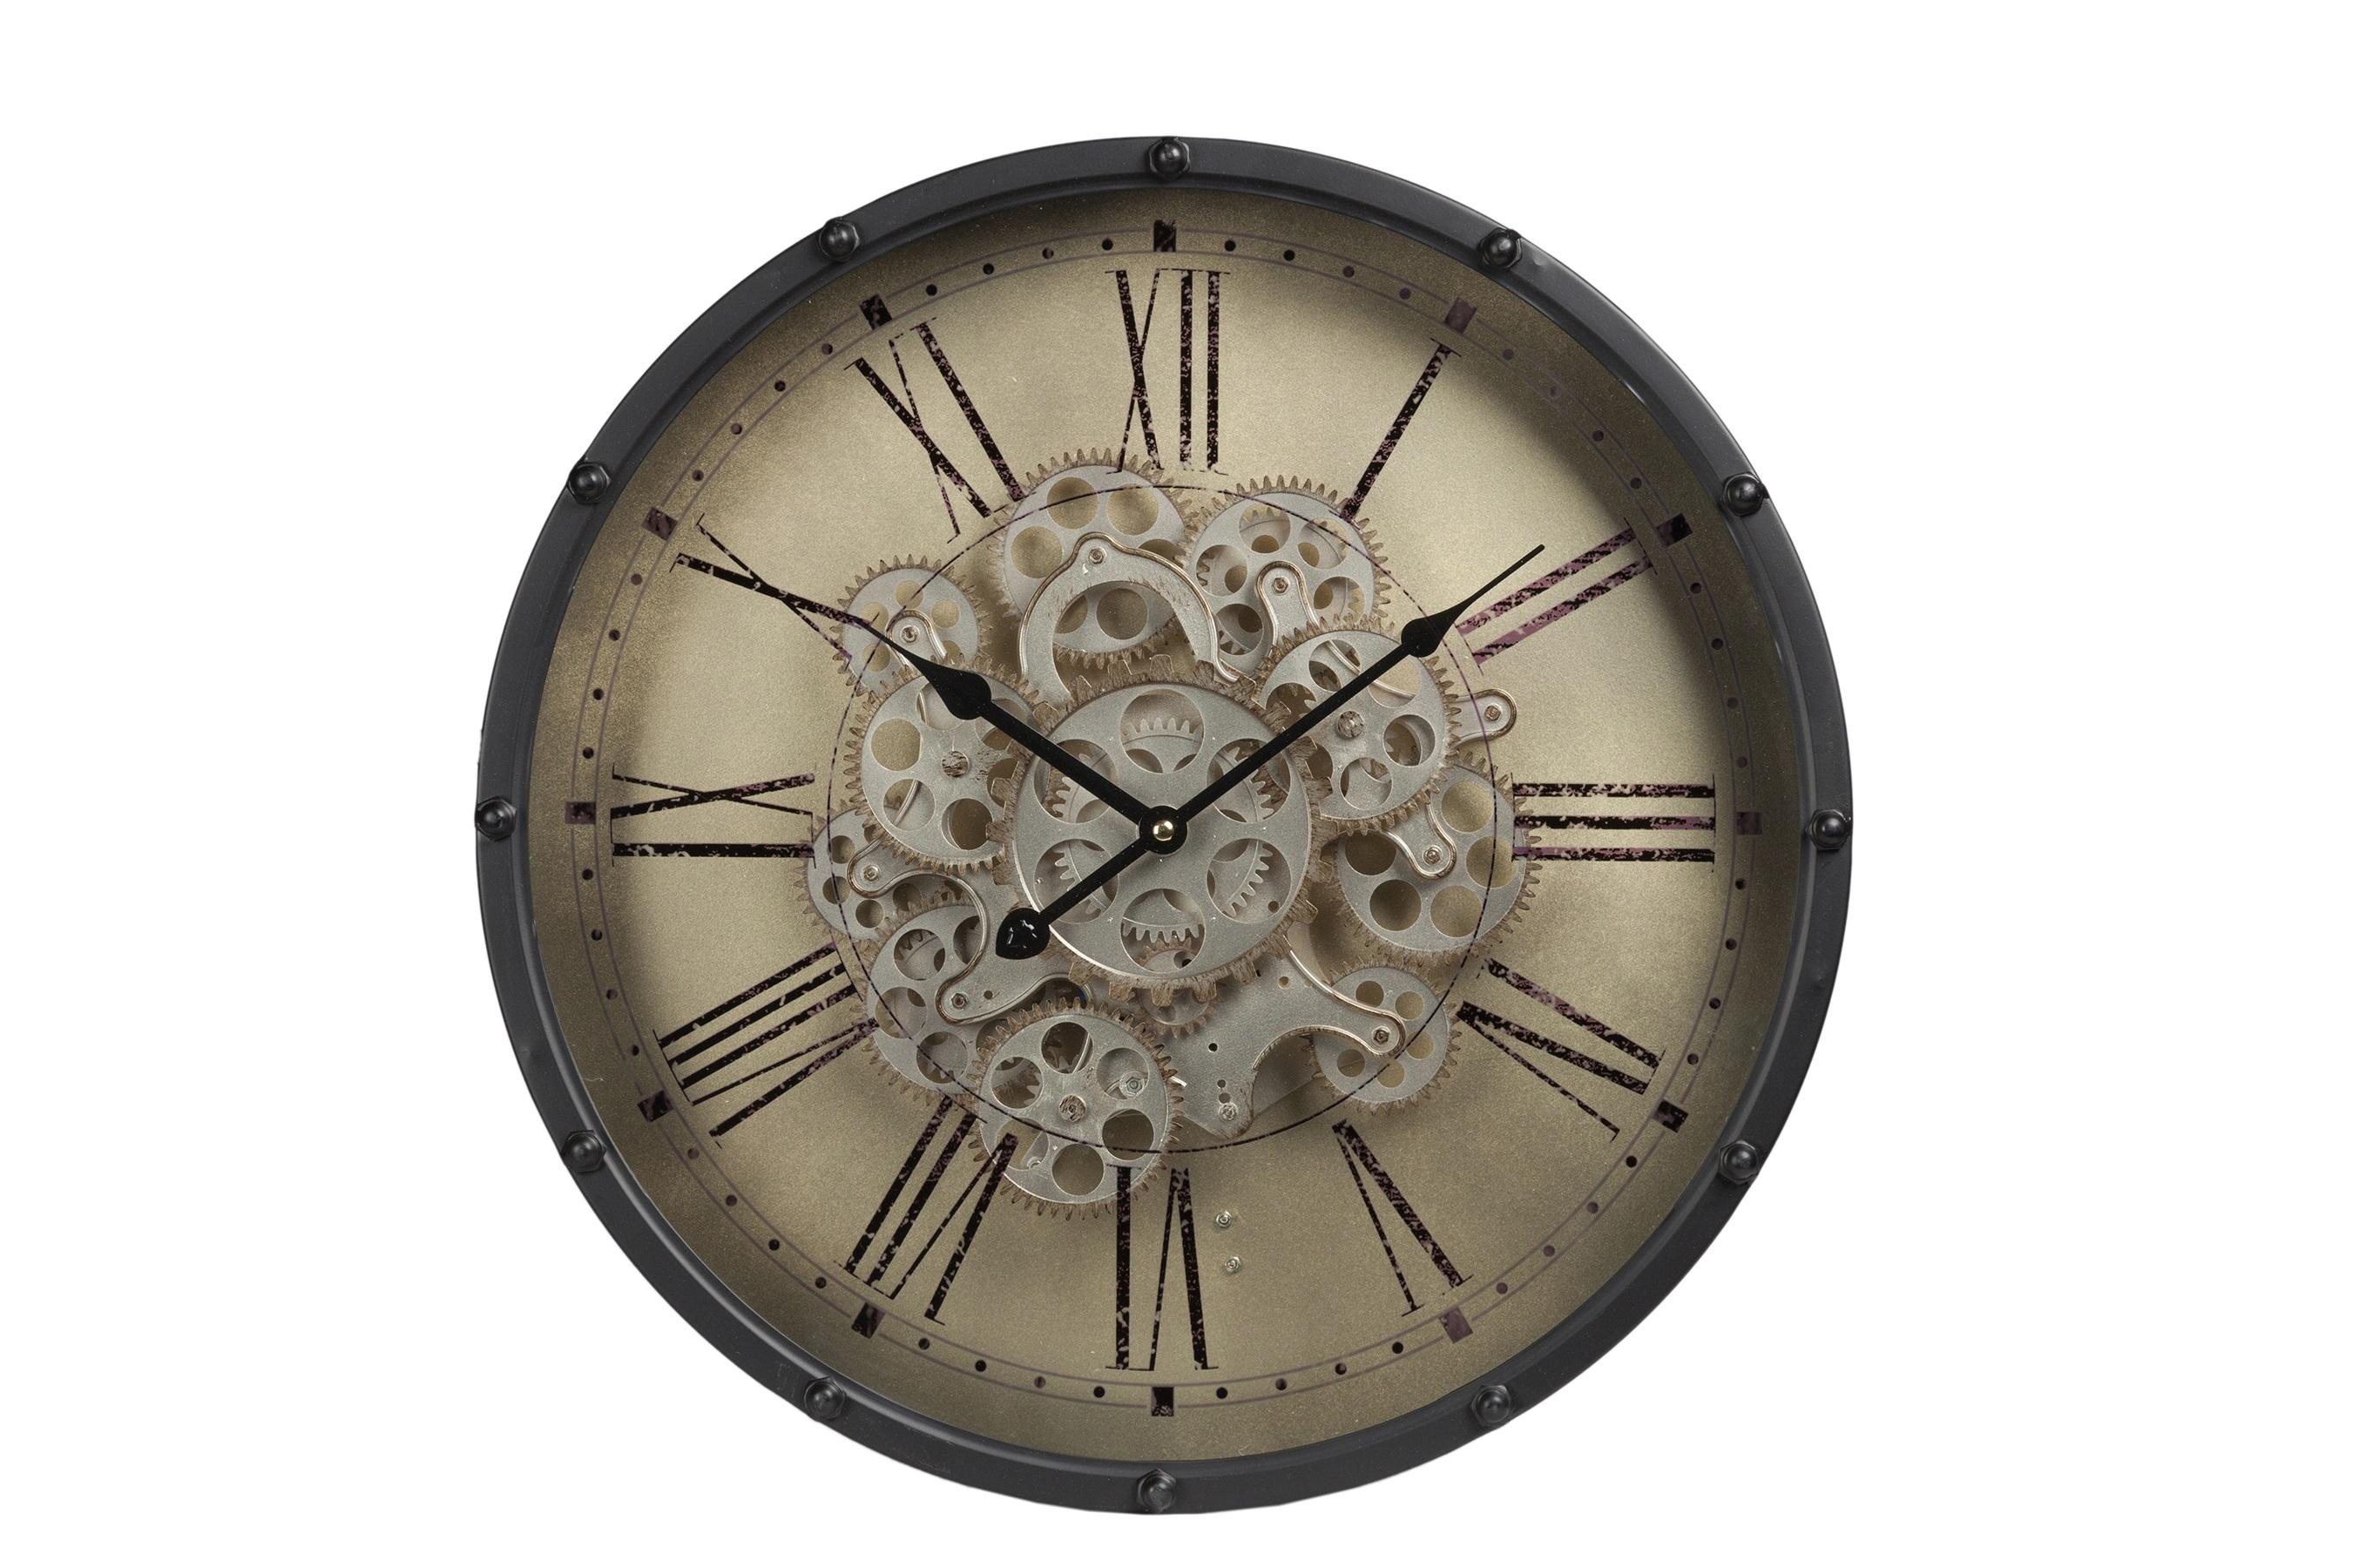 Часы настенные HarltonНастенные часы<br>&amp;lt;div&amp;gt;Кварцевый механизм&amp;lt;/div&amp;gt;&amp;lt;div&amp;gt;&amp;lt;br&amp;gt;&amp;lt;/div&amp;gt;<br><br>Material: Металл<br>Length см: None<br>Width см: None<br>Height см: 11,5<br>Diameter см: 46